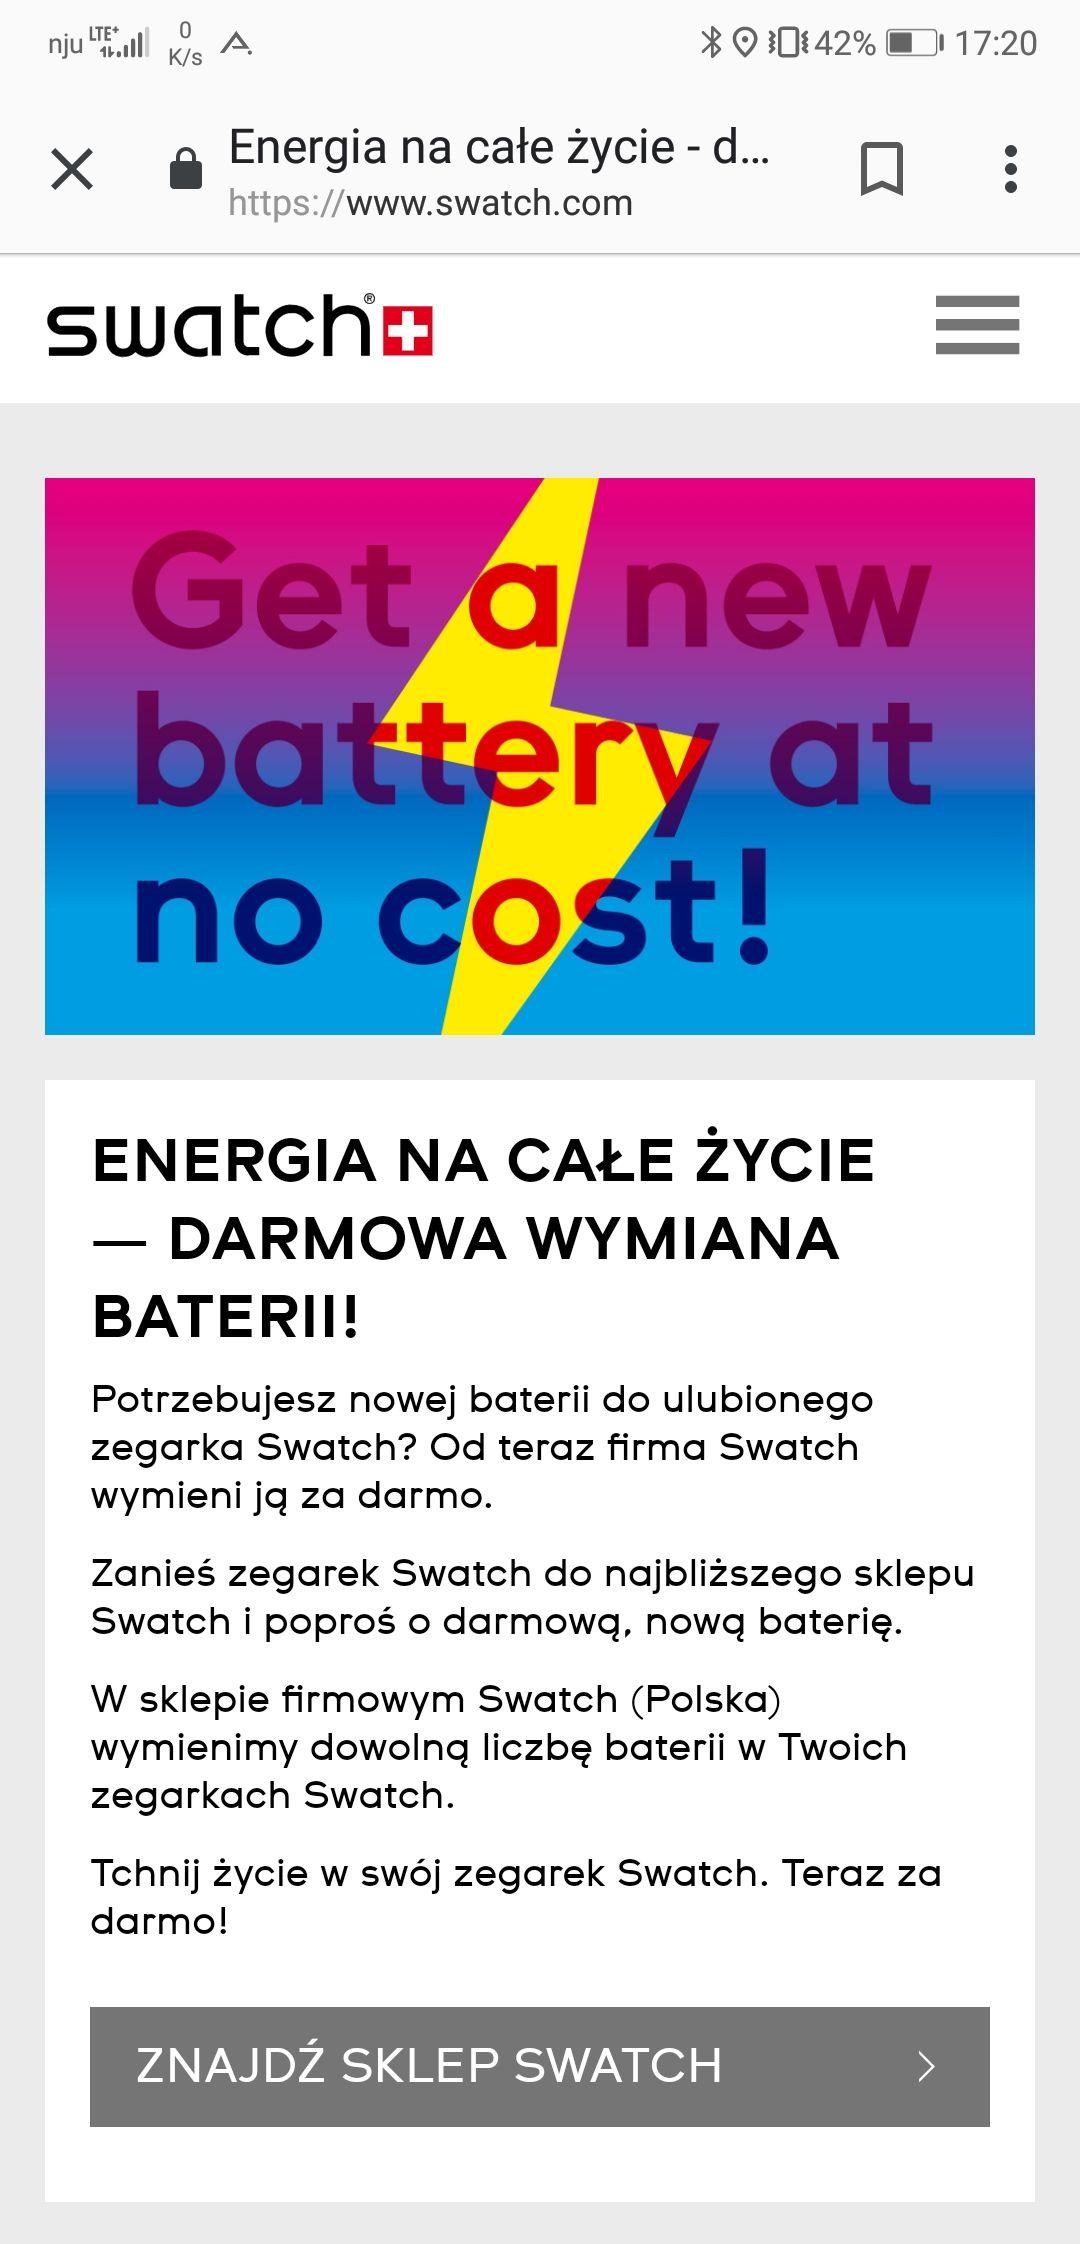 Swatch - wymiana baterii za darmo